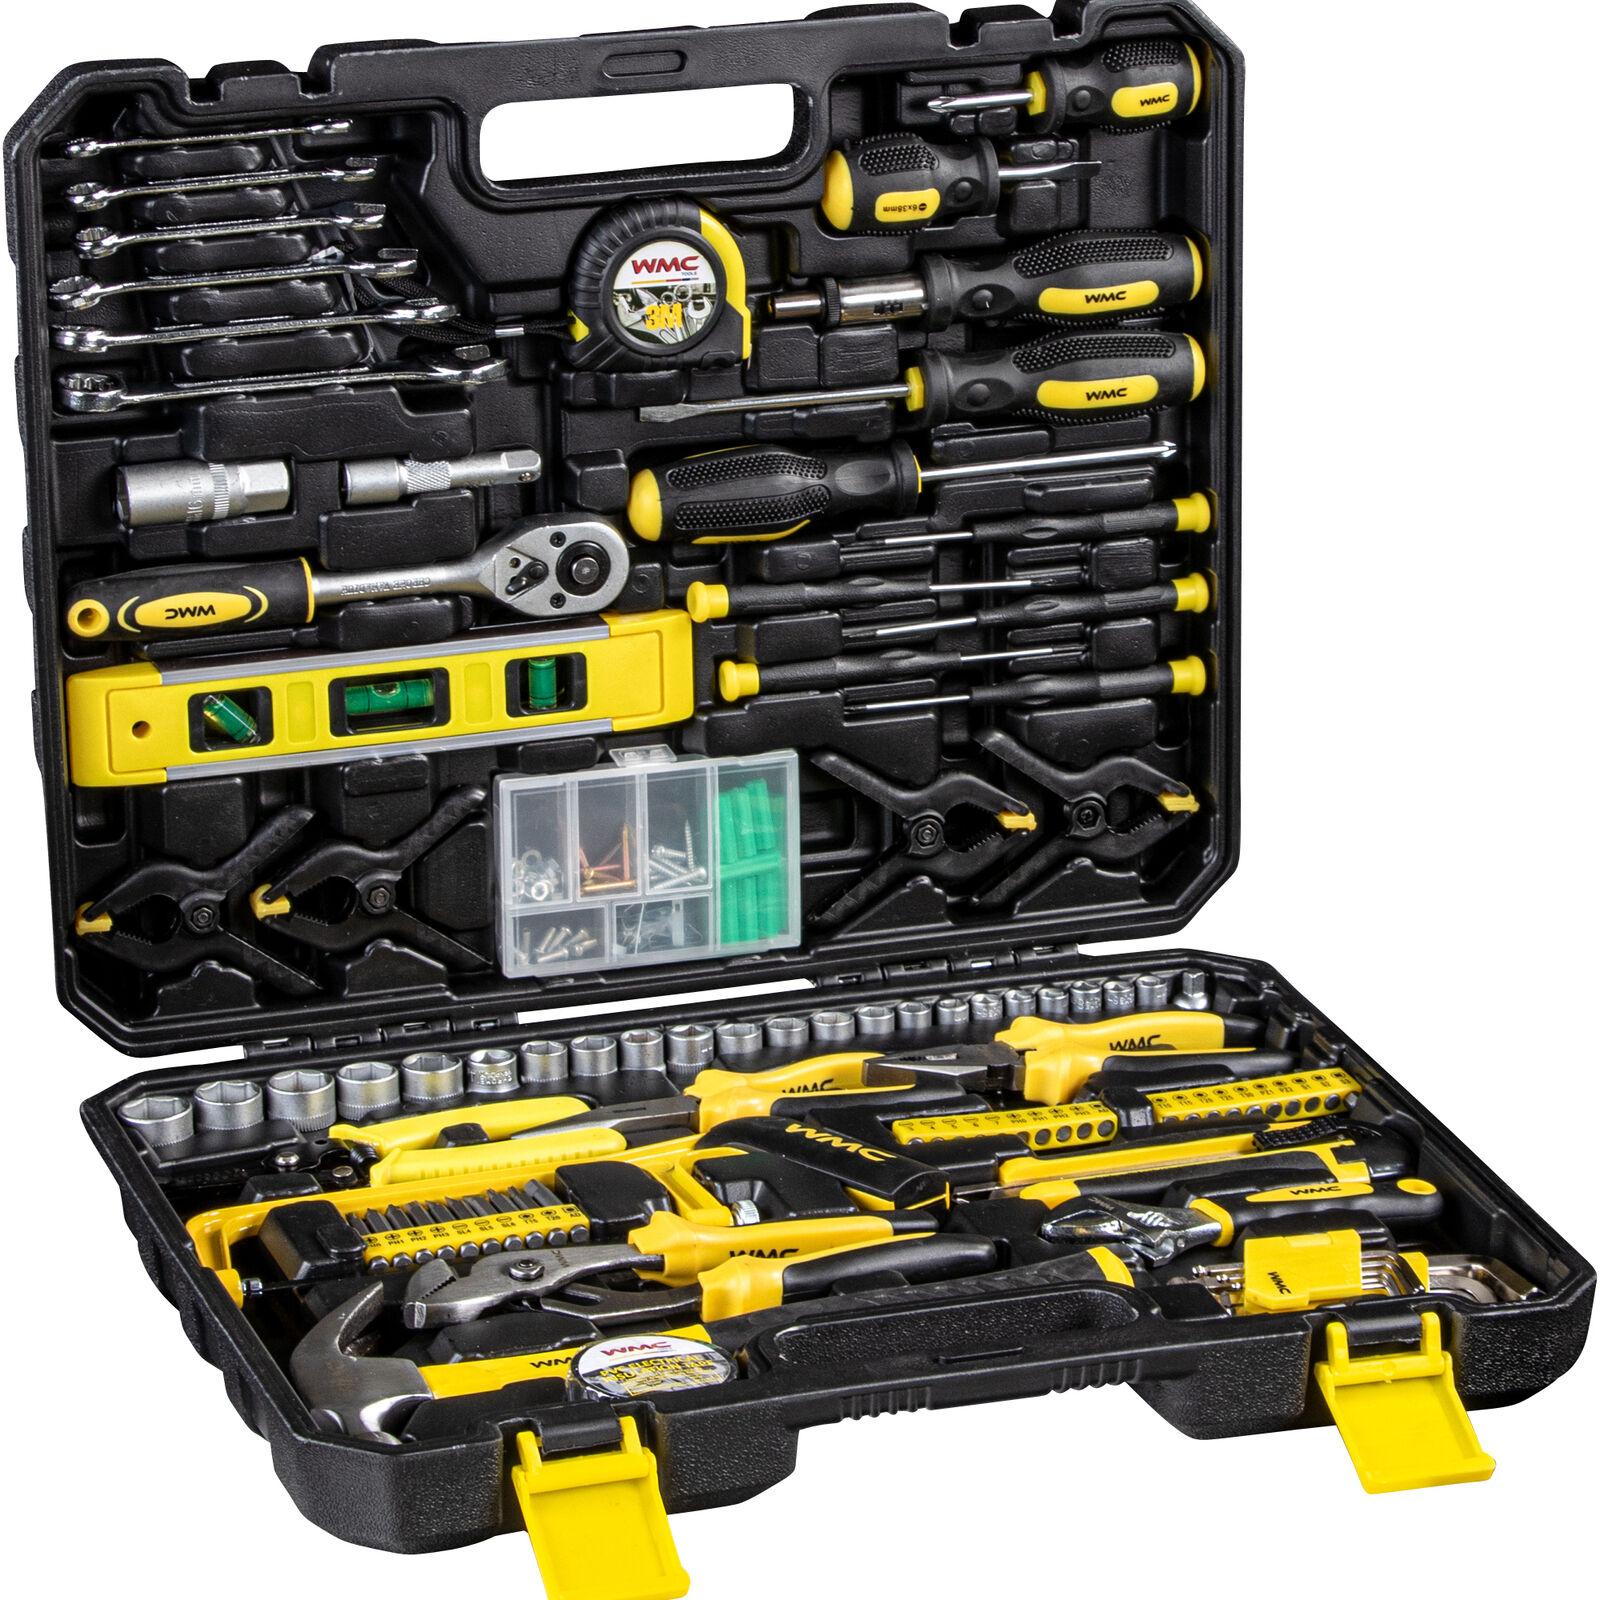 Werkzeugkoffer Werkzeug Set WMC Tools 168 Teile Kasten Box Kiste Heimwerker Bits